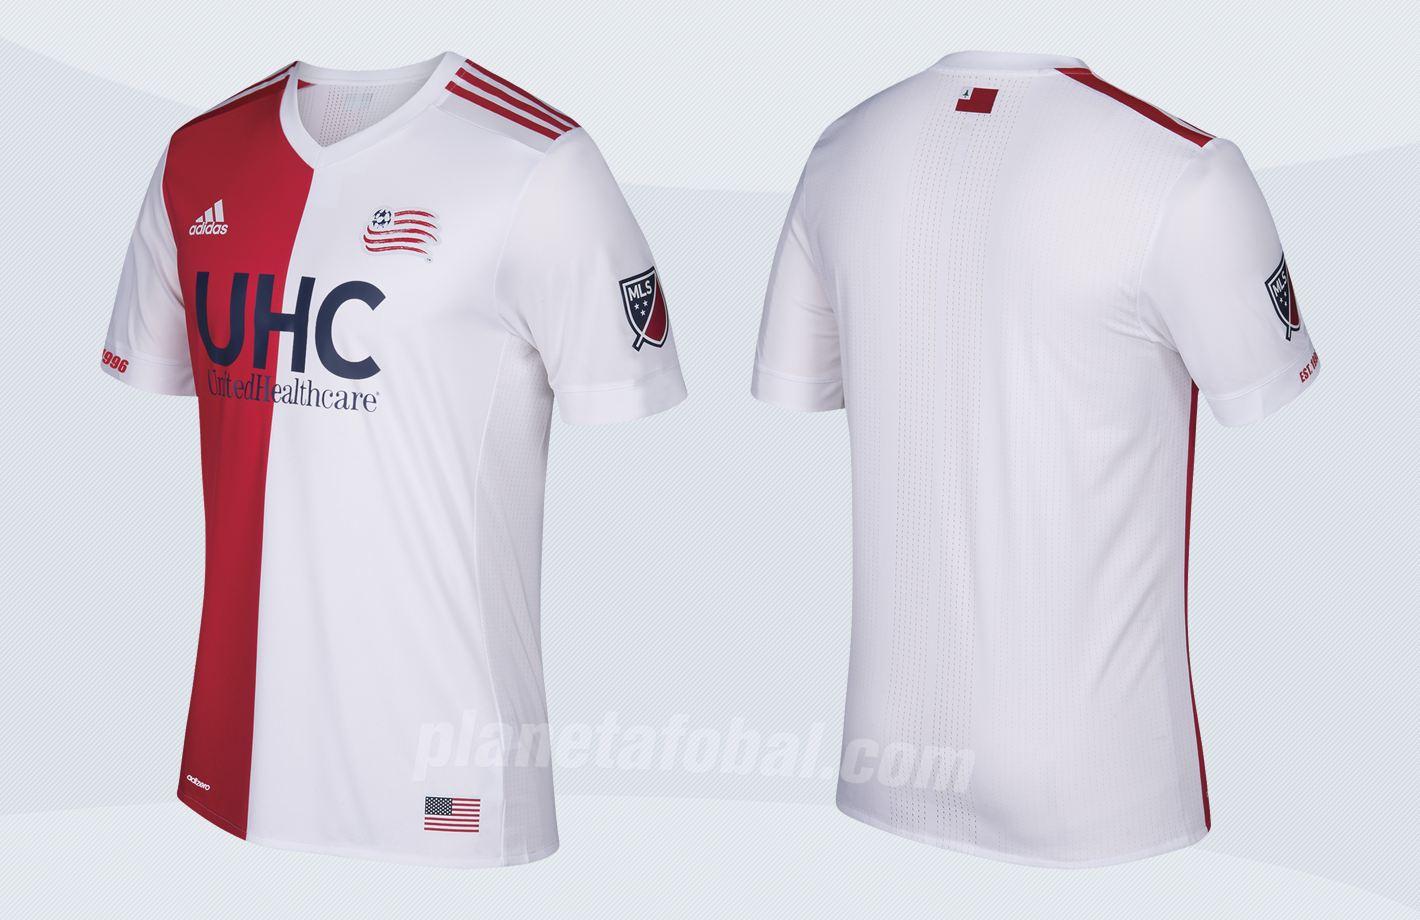 Nueva camiseta suplente de los Revs | Imágenes Tienda Oficial